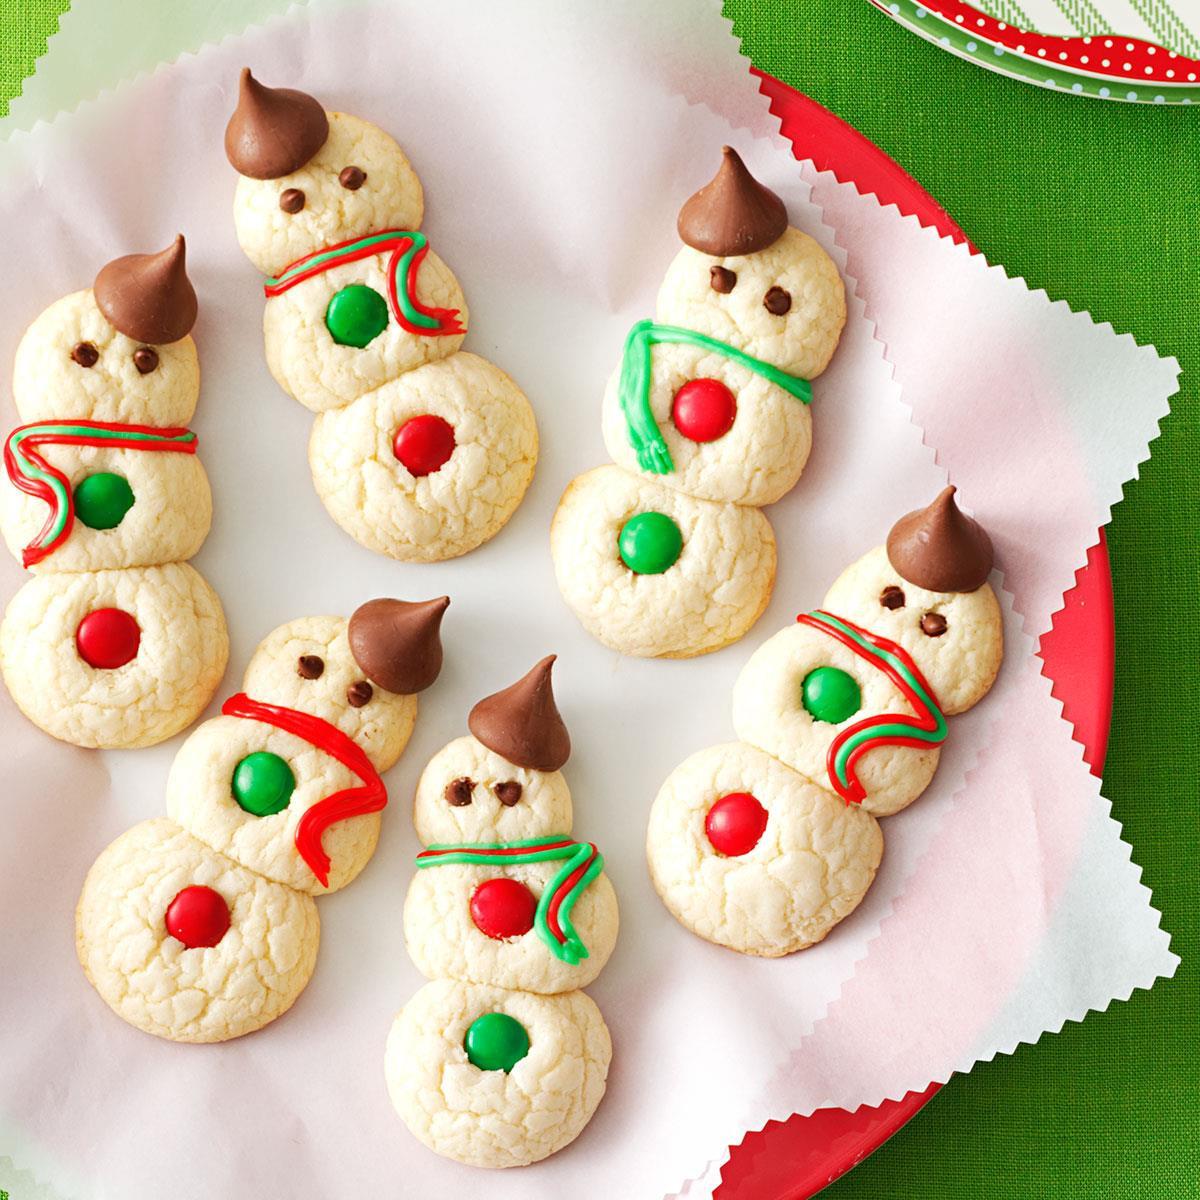 Make Christmas Cookies  Snowman Cookies Recipe